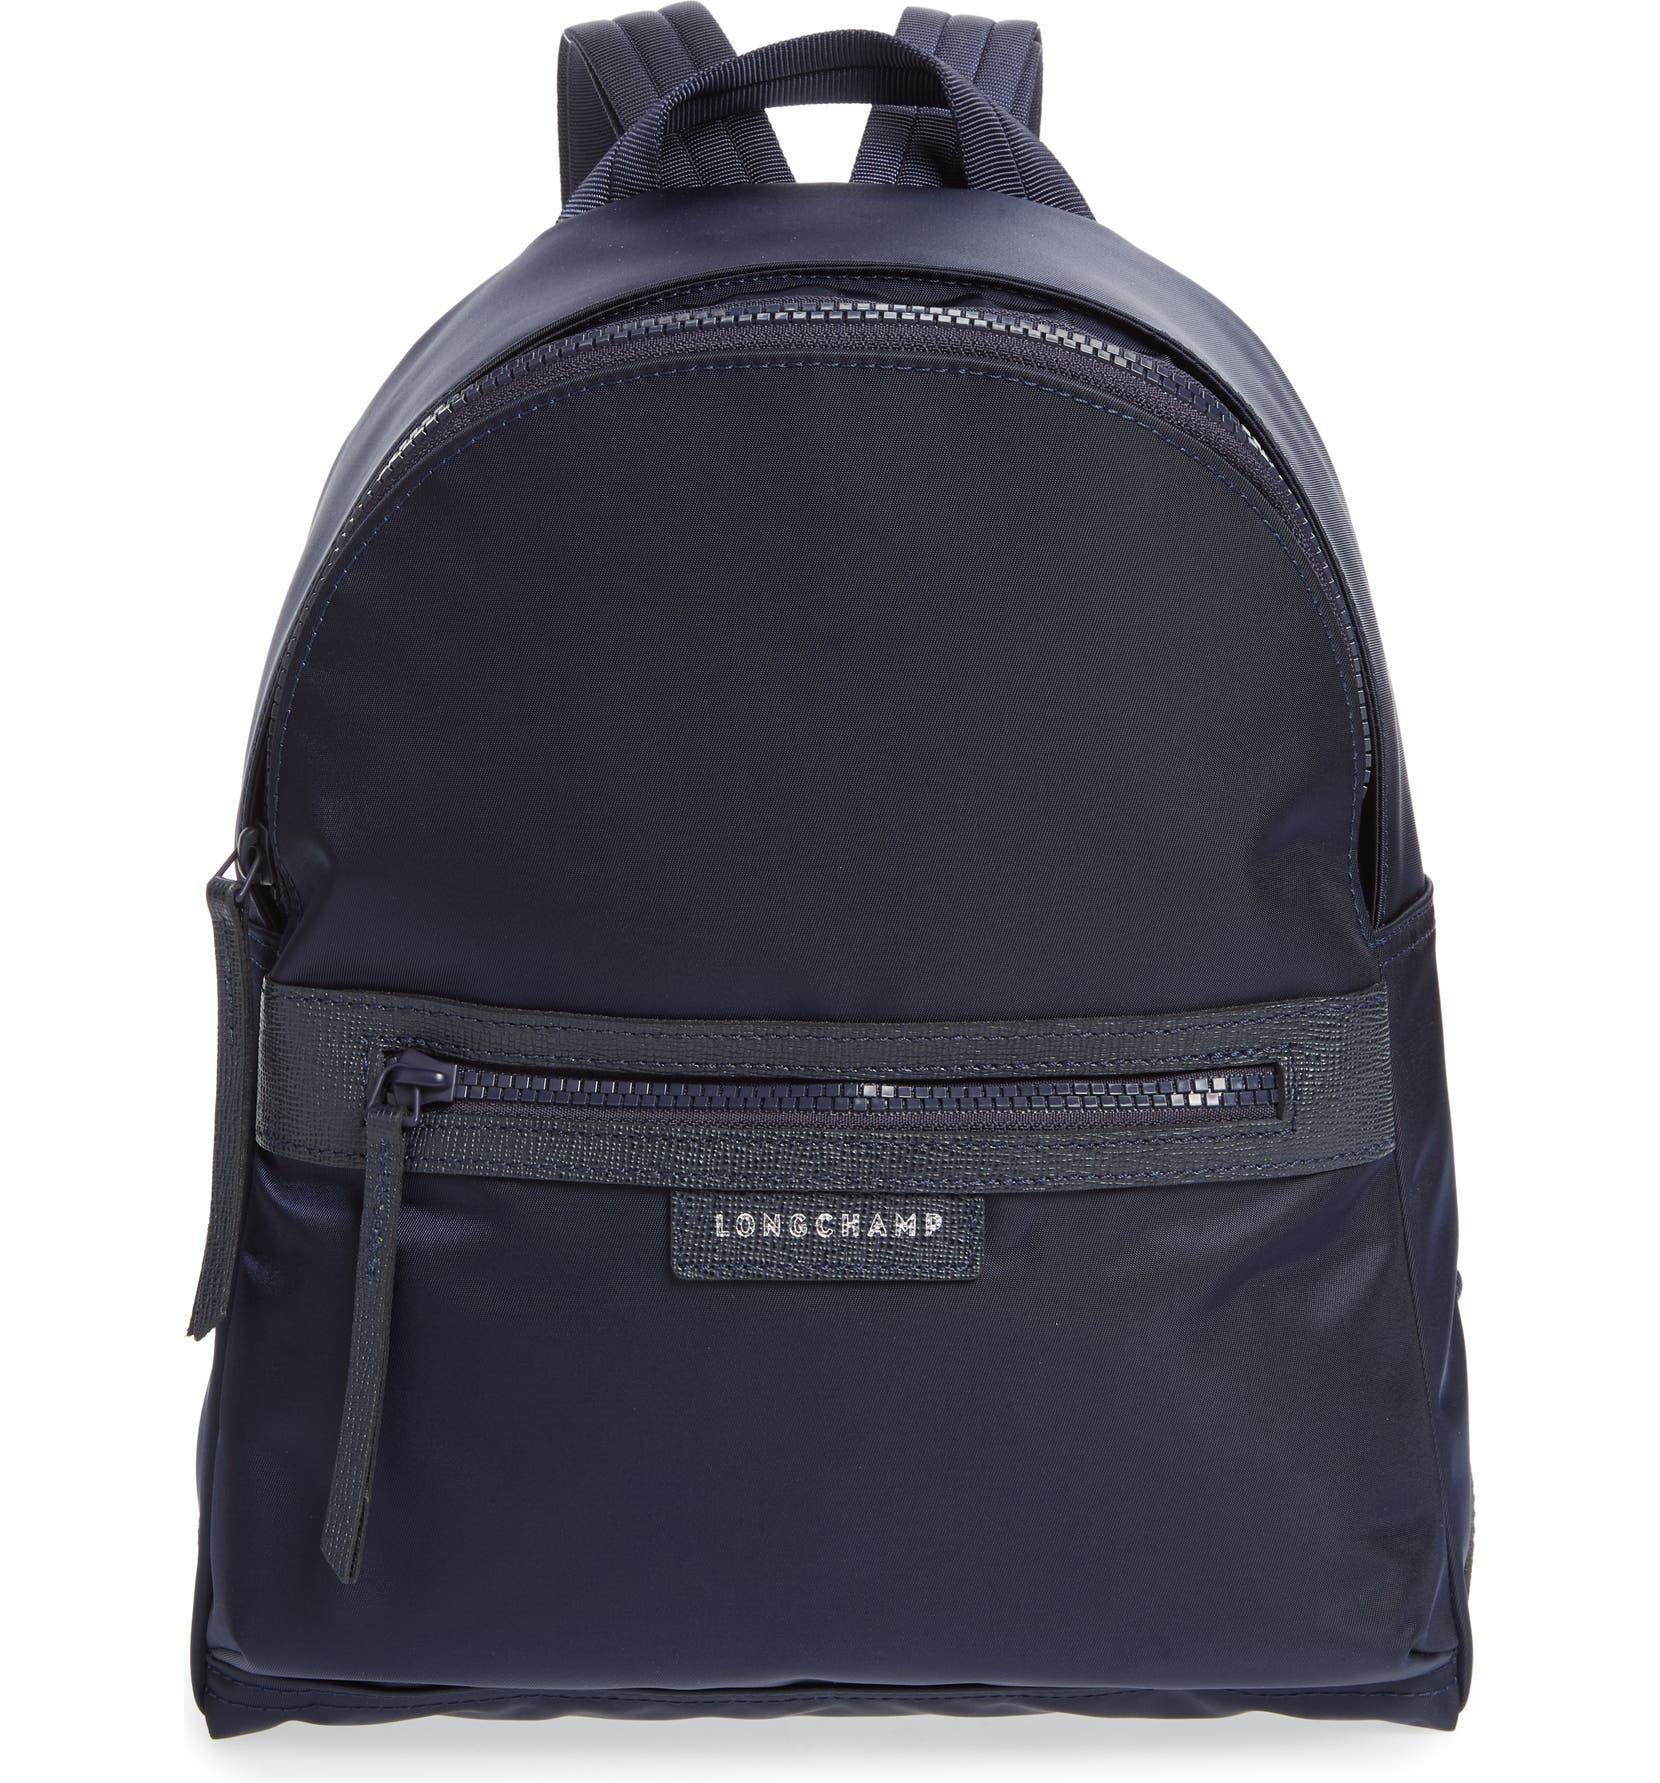 1e45fe1a15 Longchamp  Small Le Pliage Neo  Nylon Backpack